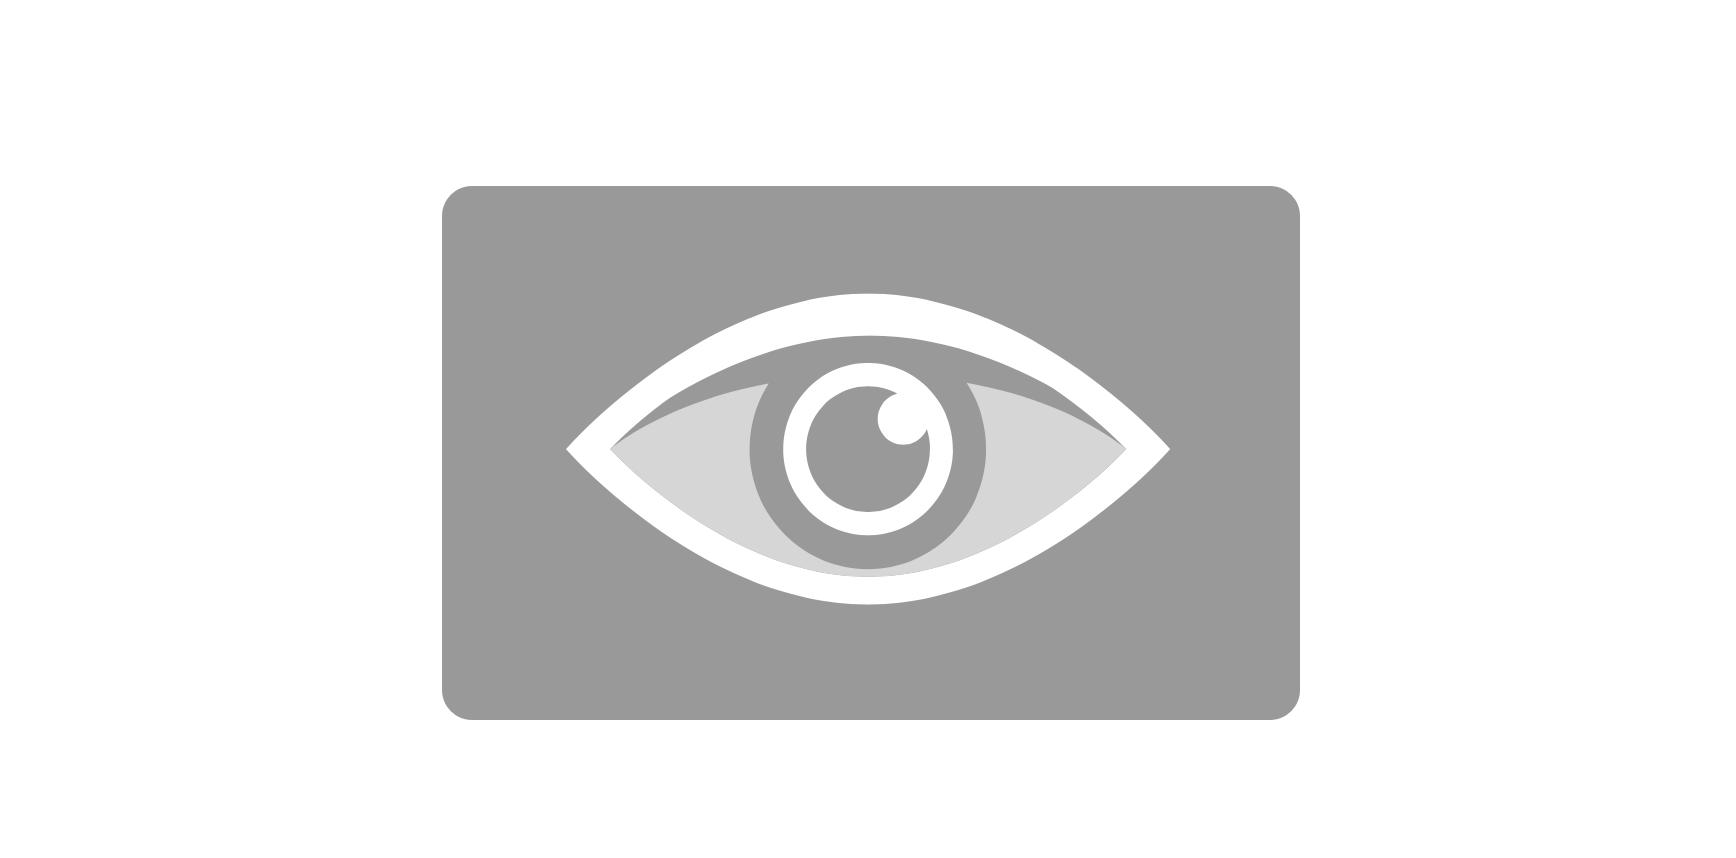 Macで眼精疲労・疲れ目をを軽減・対策する設定方法